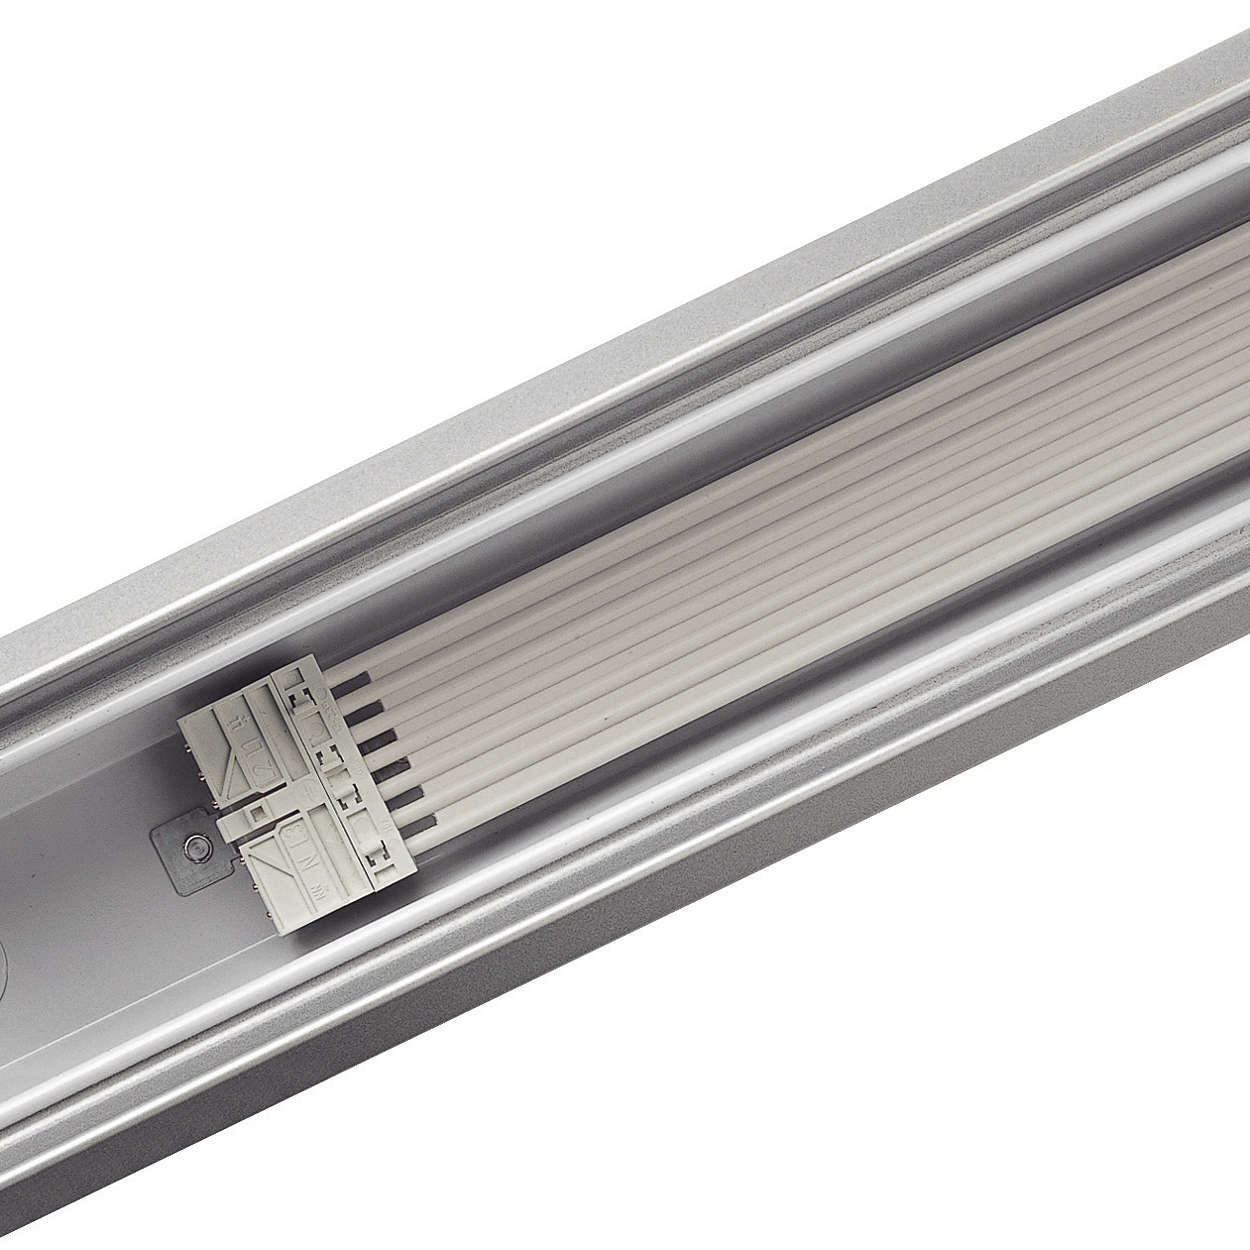 4MX056 TL-D стандартные магистральные секции